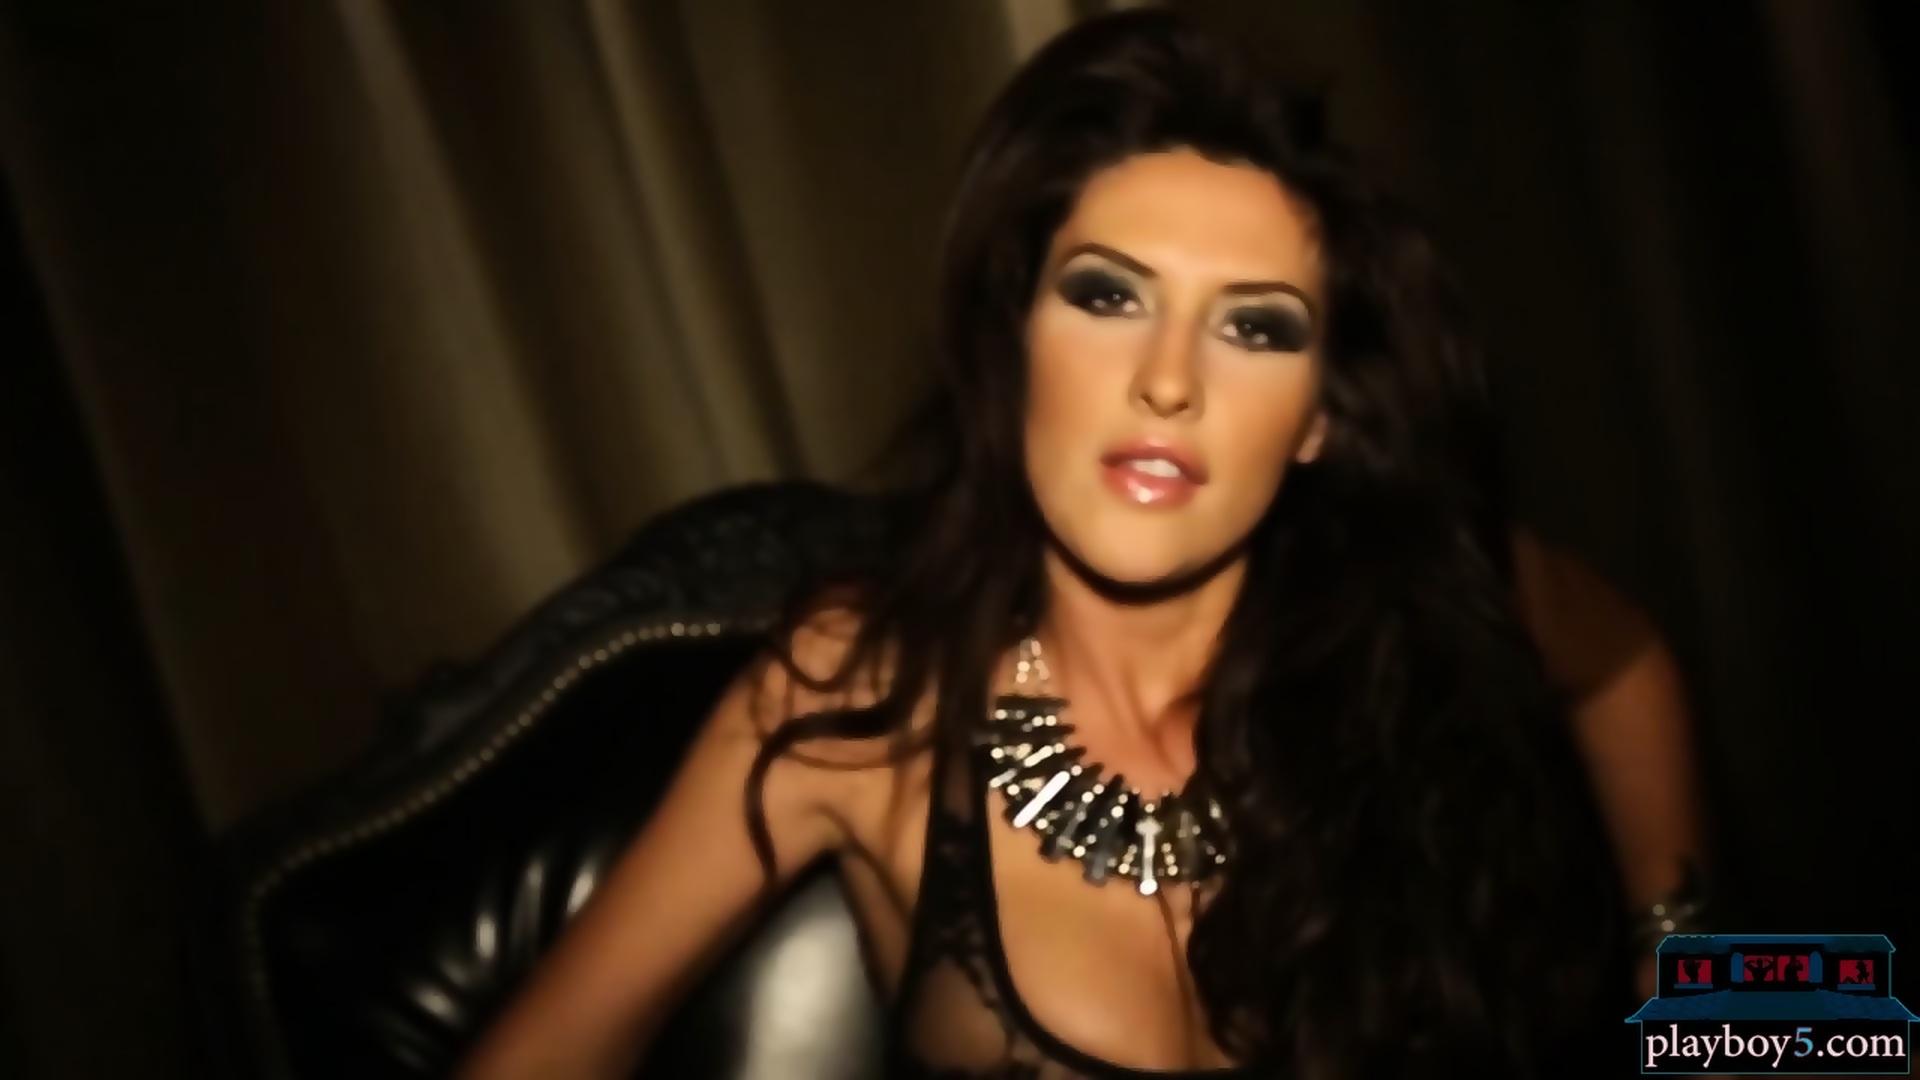 Miranda nicole big boobs Big Boobs Milf Model In Black Lingerie Miranda Nicole Nicole Black Eporner